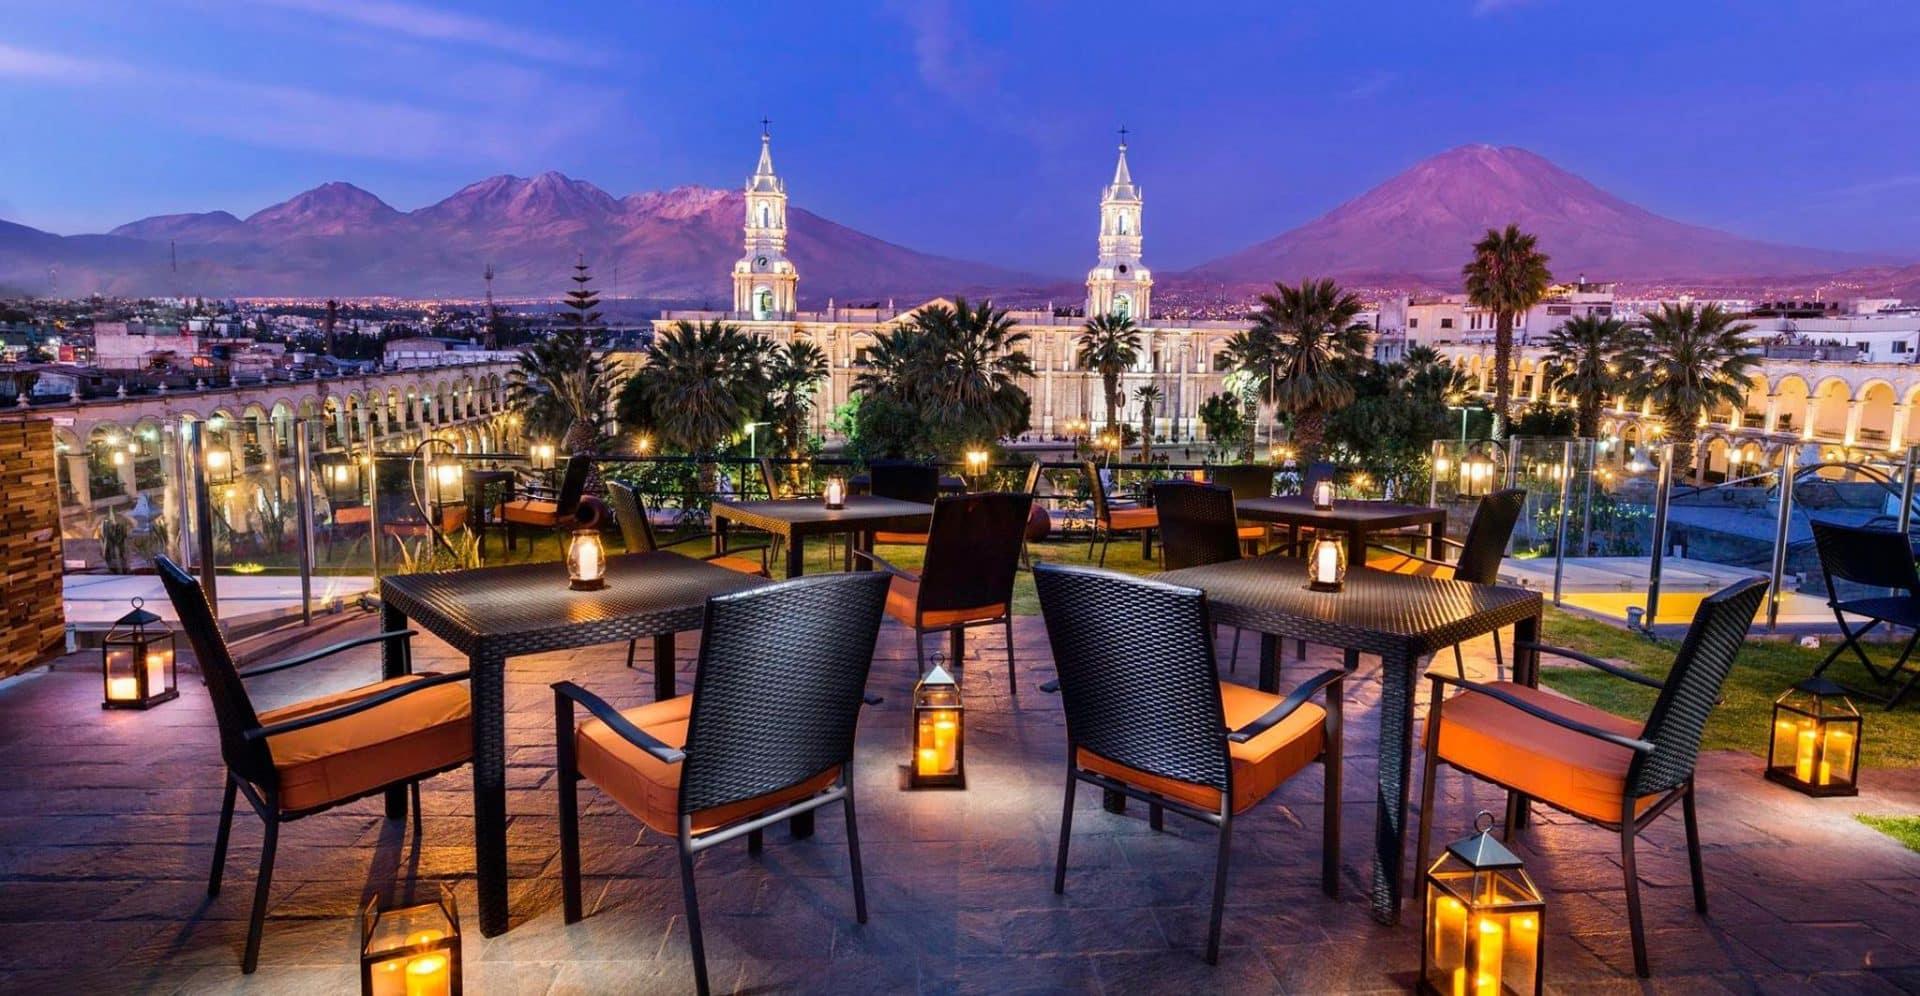 Romantic Restaurant Arequipa Peru